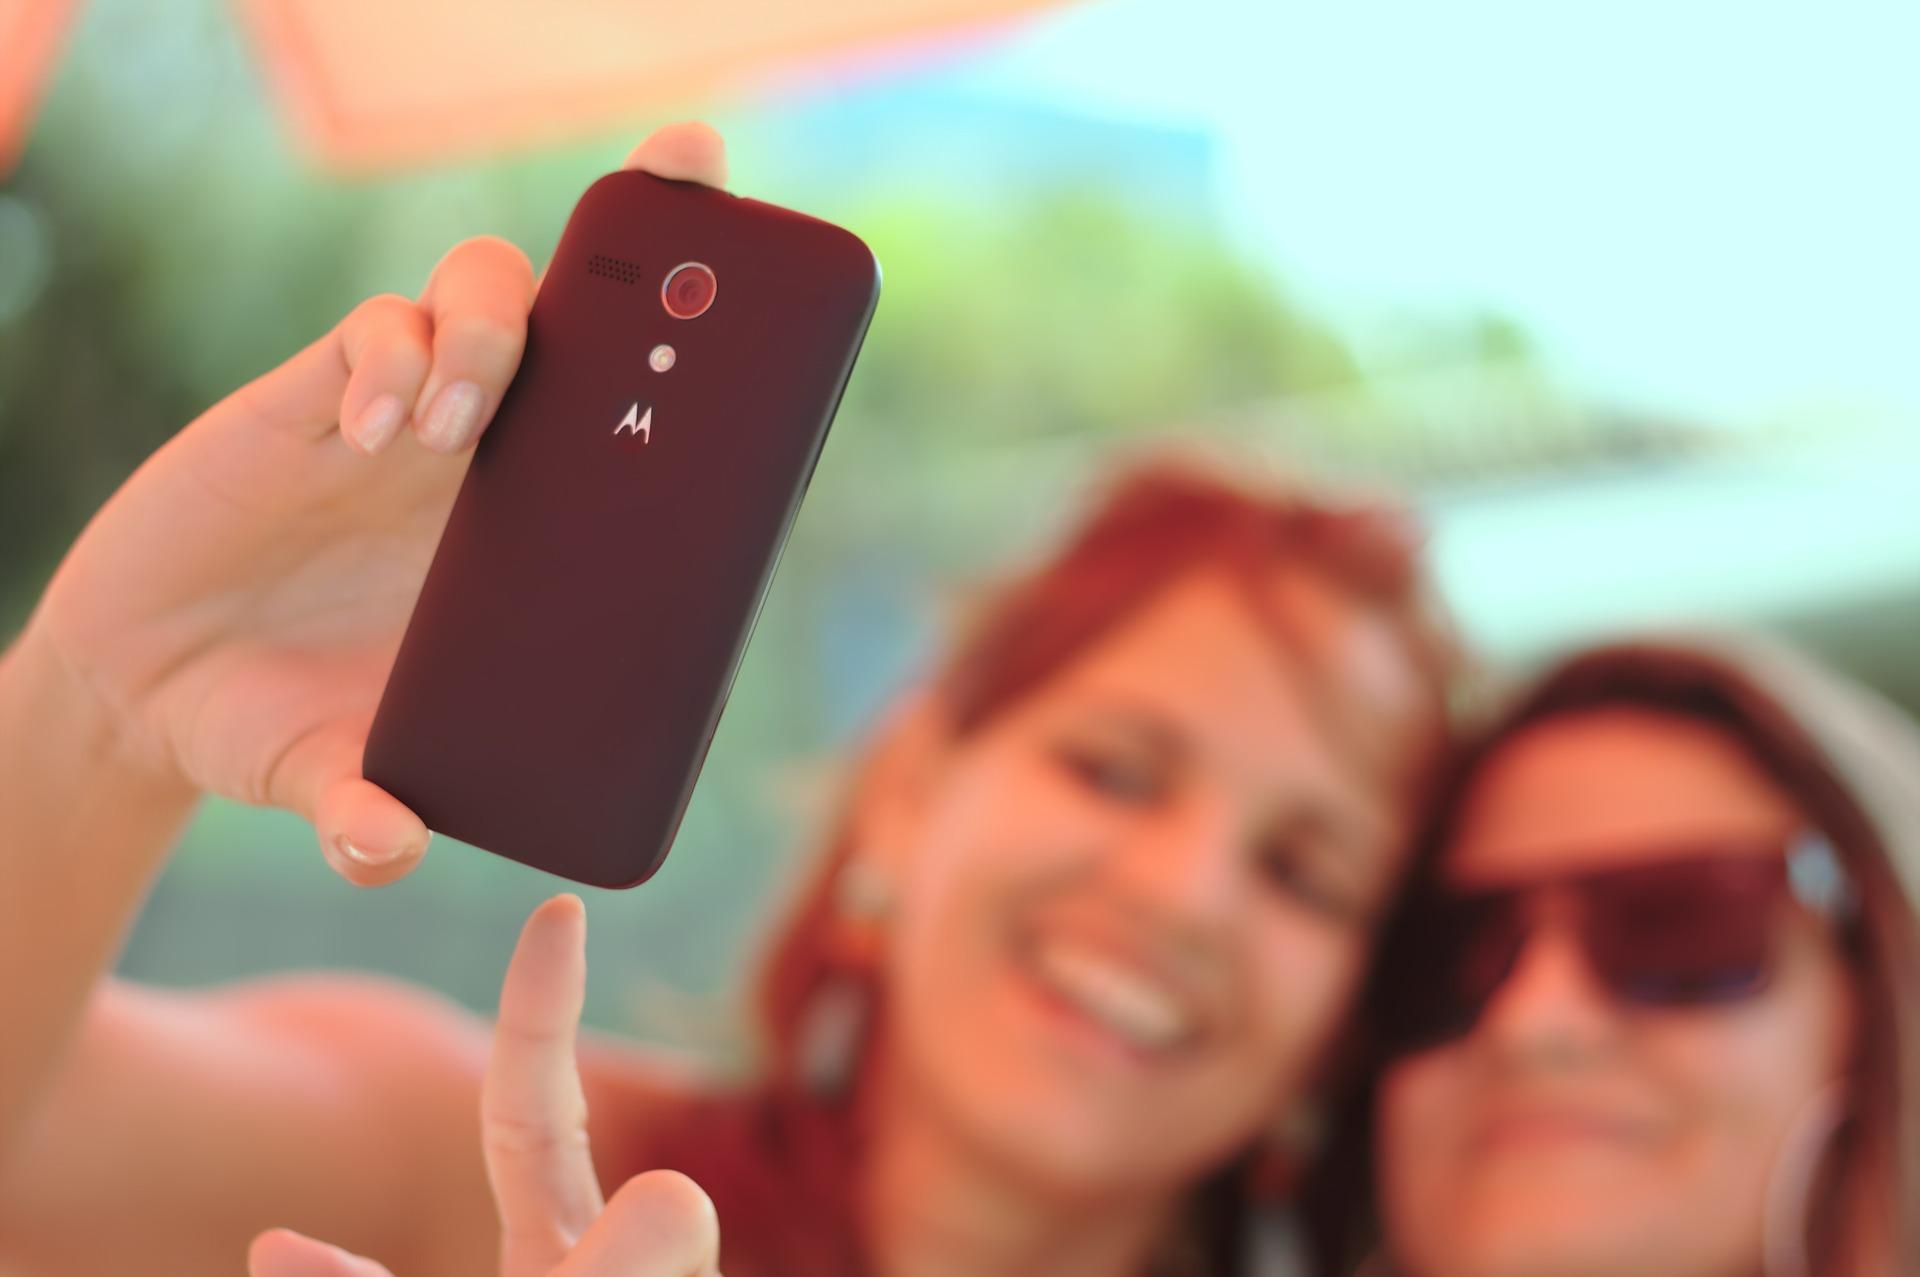 Android 11 skończy z domyślnym upiększaniem twarzy na zdjęciach